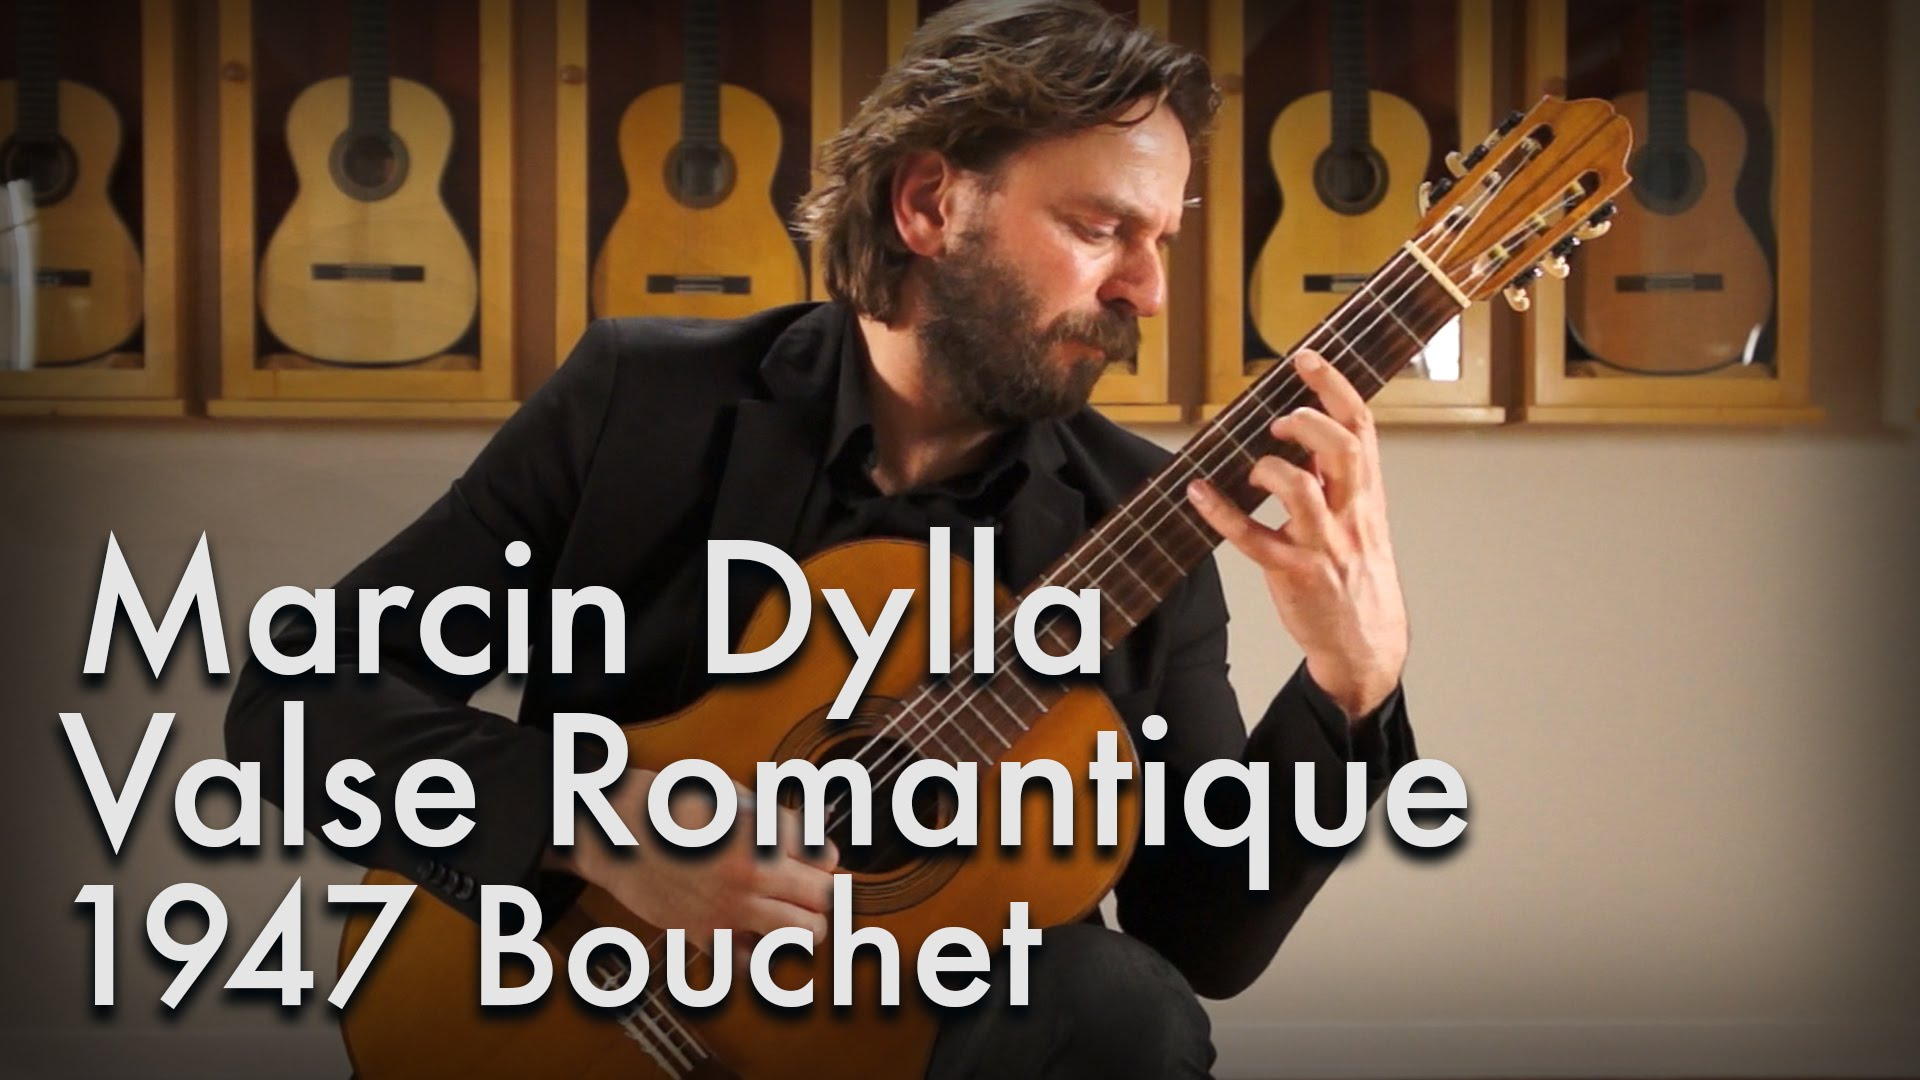 マルシン・ディラが弾くタンスマンの『ロマンティックなワルツ』 1947年のブーシェから紡ぎ出される豊かな響き